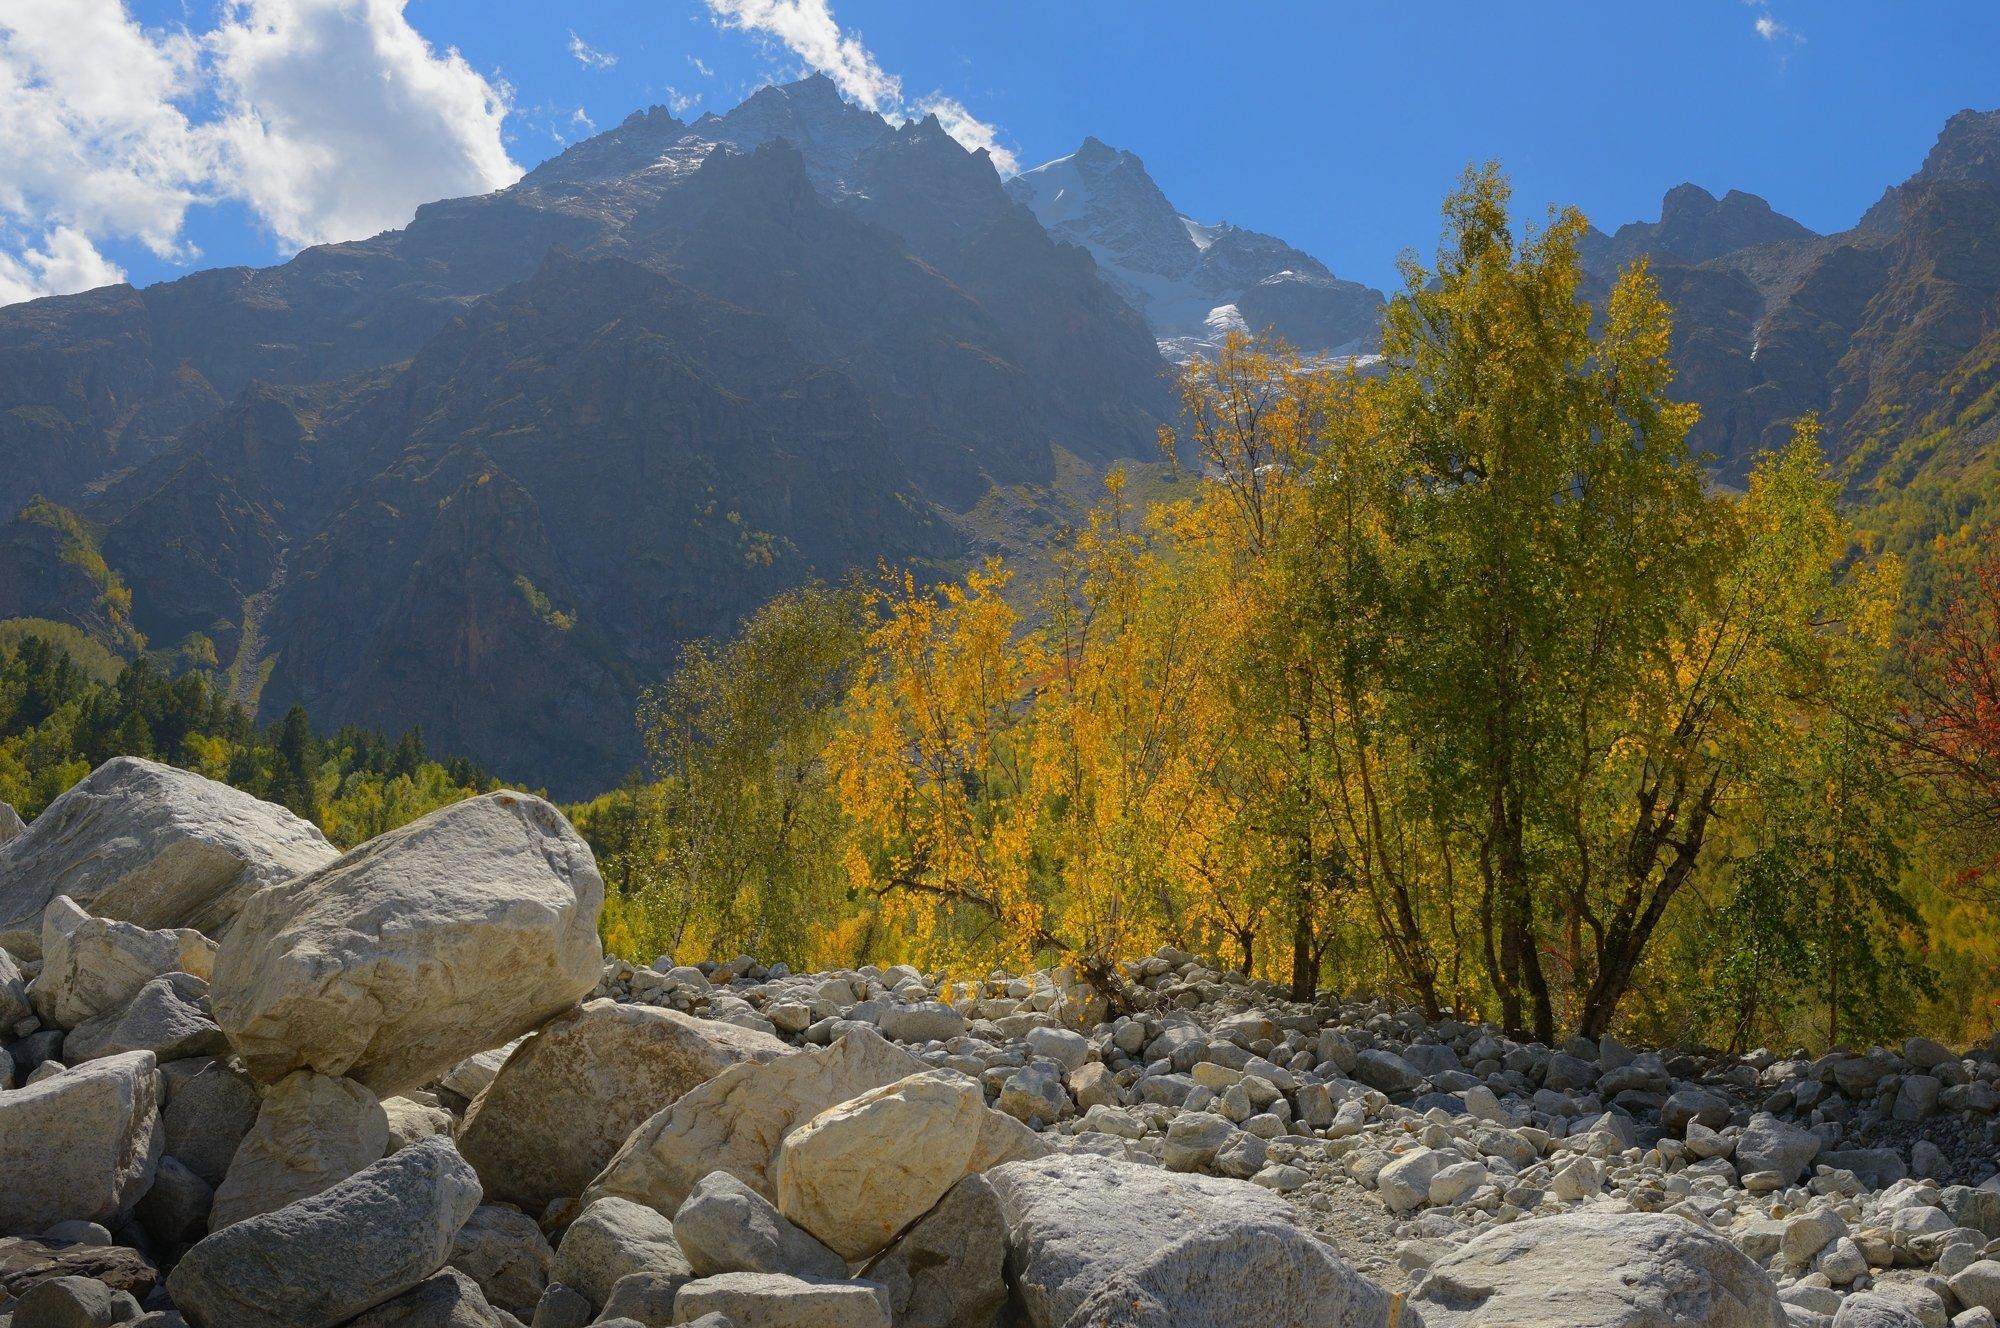 горы кавказ осень адыл-су, Александр Жарников